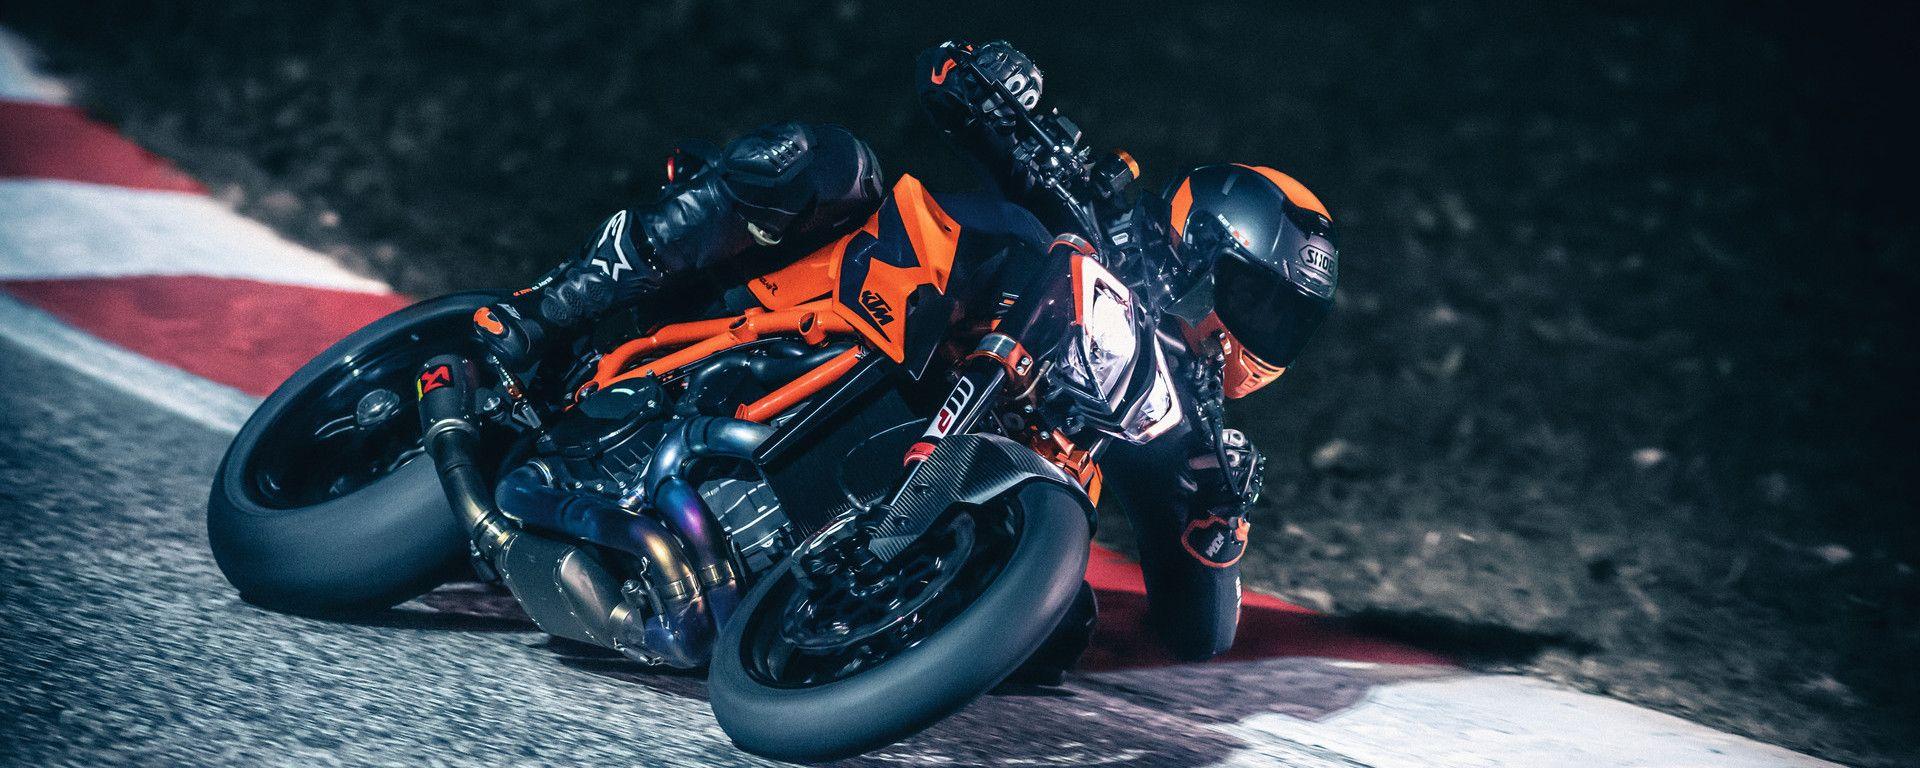 KTM 1290 Super Duke R: alleggerita e potenziata